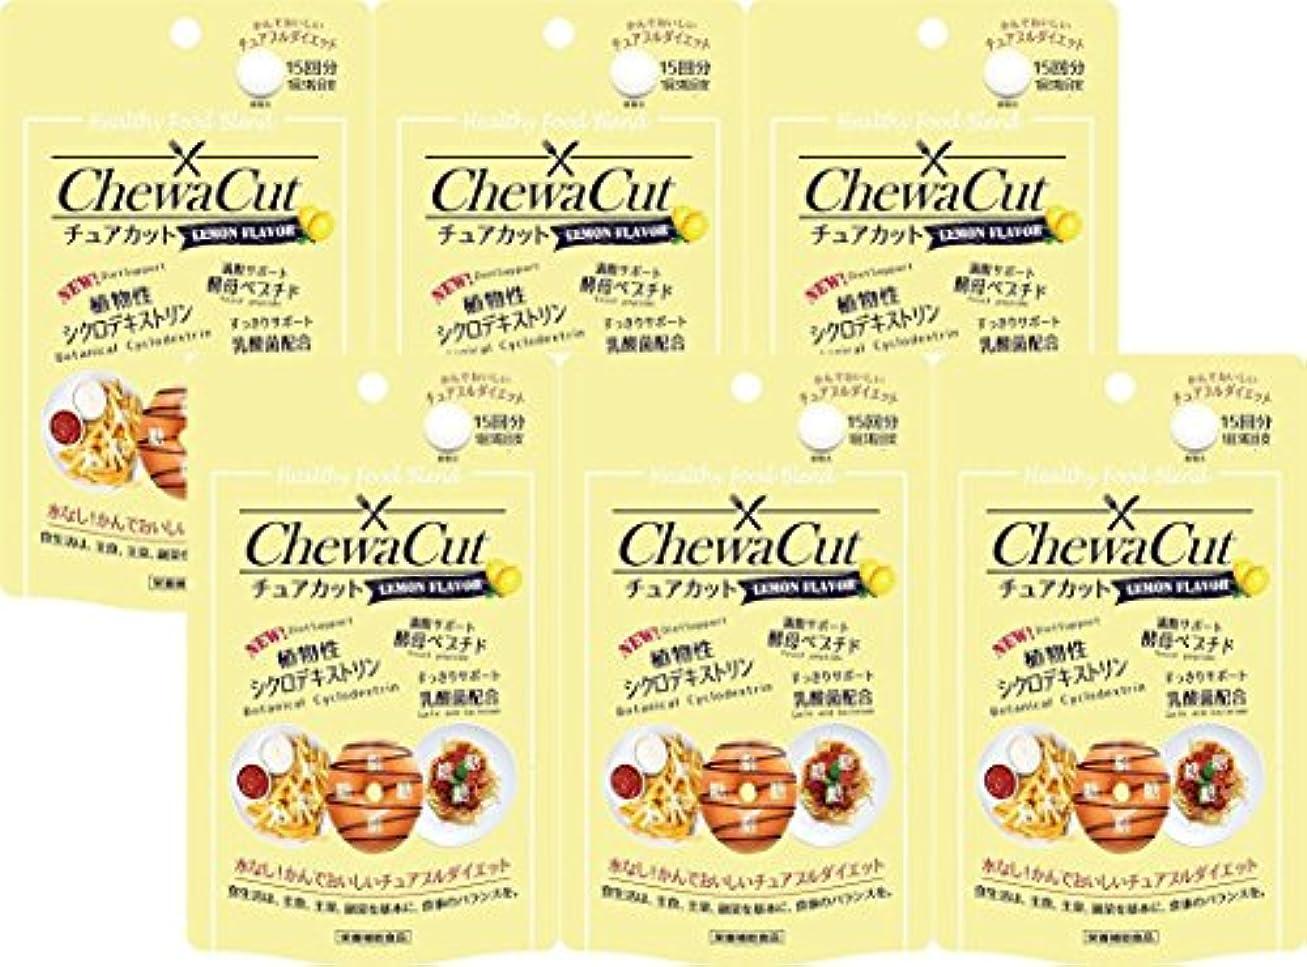 溶ける縮約アシュリータファーマン【6個セット】チュアカット レモン 45粒